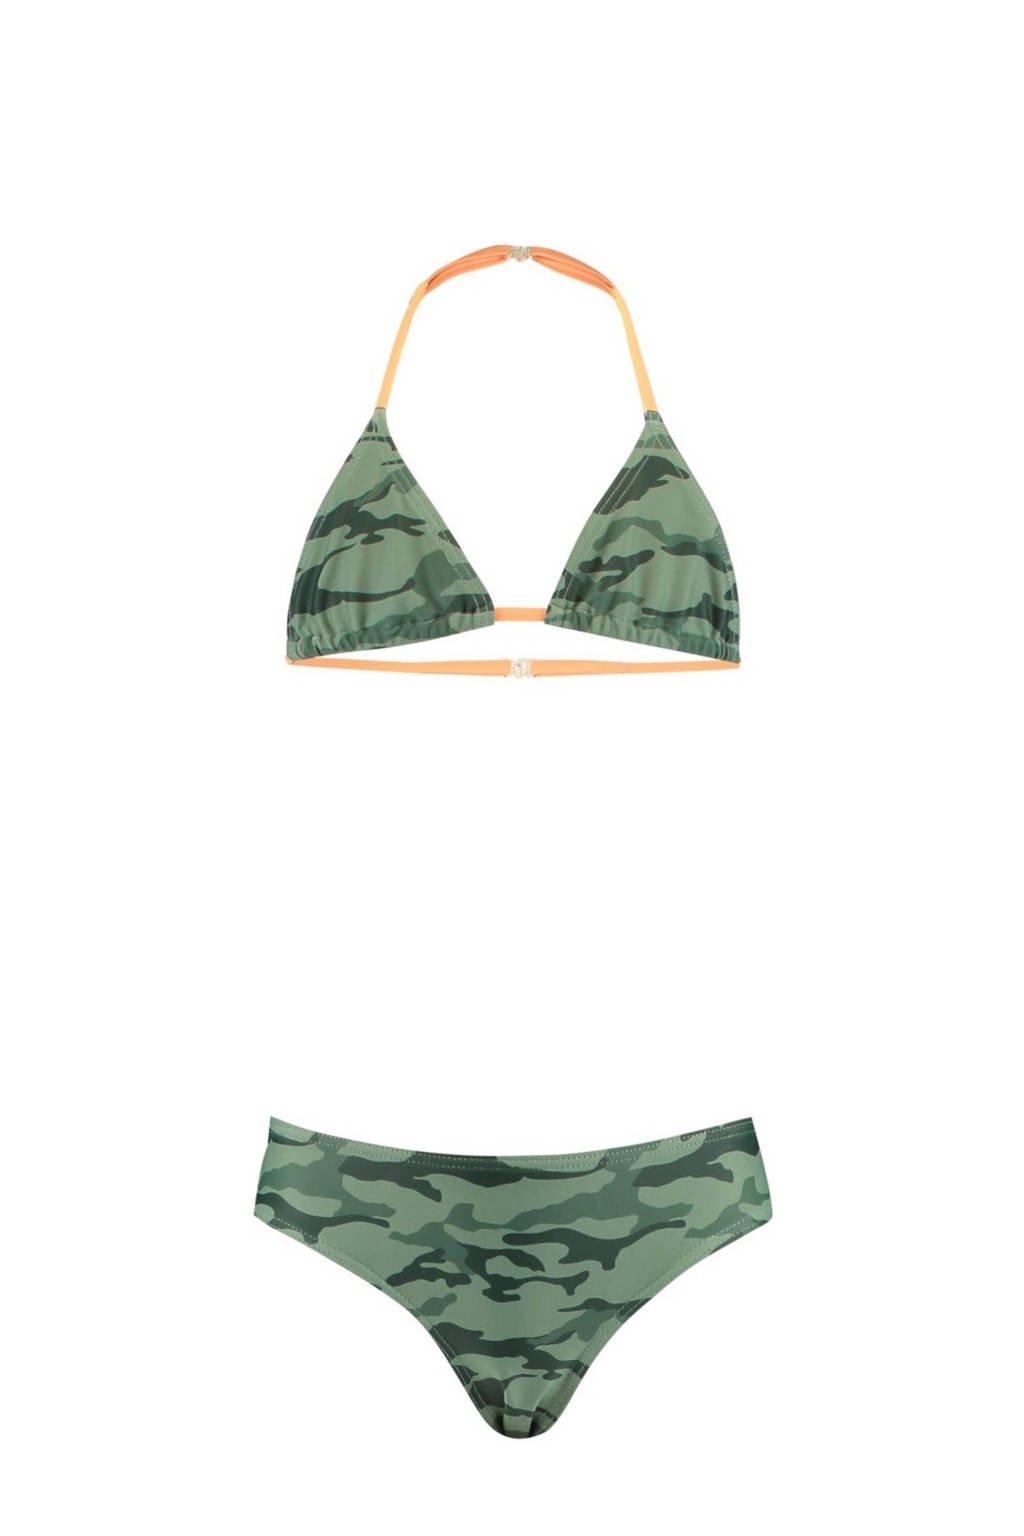 CoolCat Junior triangel bikini Yoella met camouflage print groen/zwart, Groen/zwart